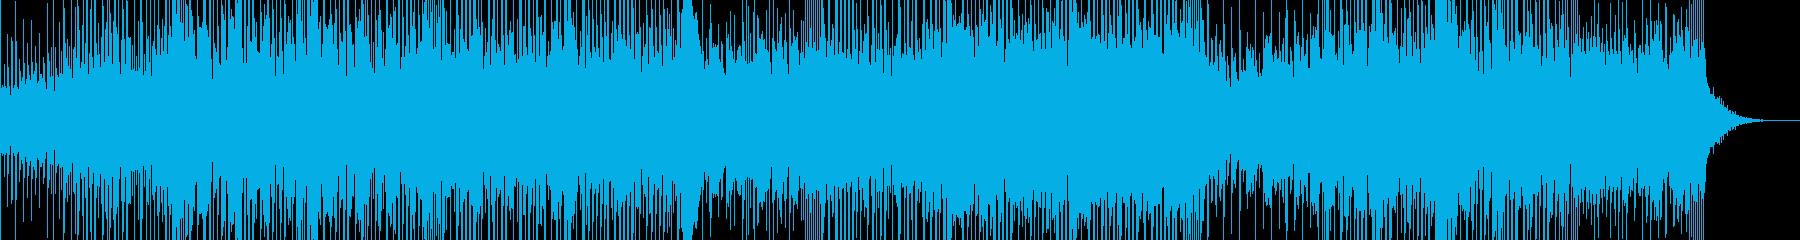 ベル系エレピの音色が印象的なロック曲の再生済みの波形